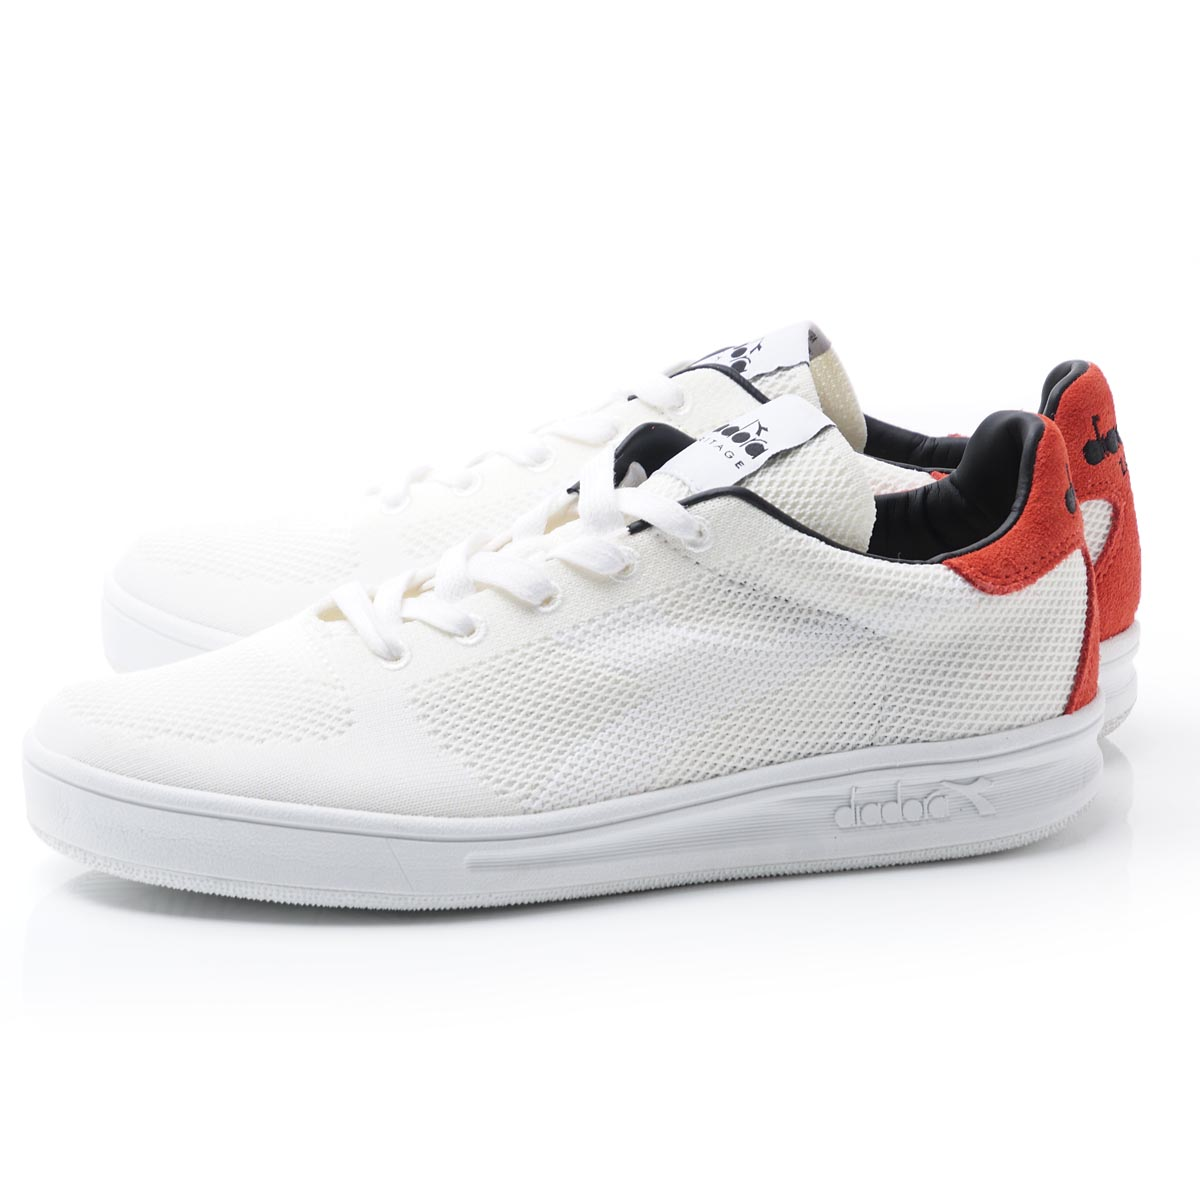 diadora diadora HERITAGE运动鞋B.ELITE WEAVE WHITE白派b elite weave 171885 20006人